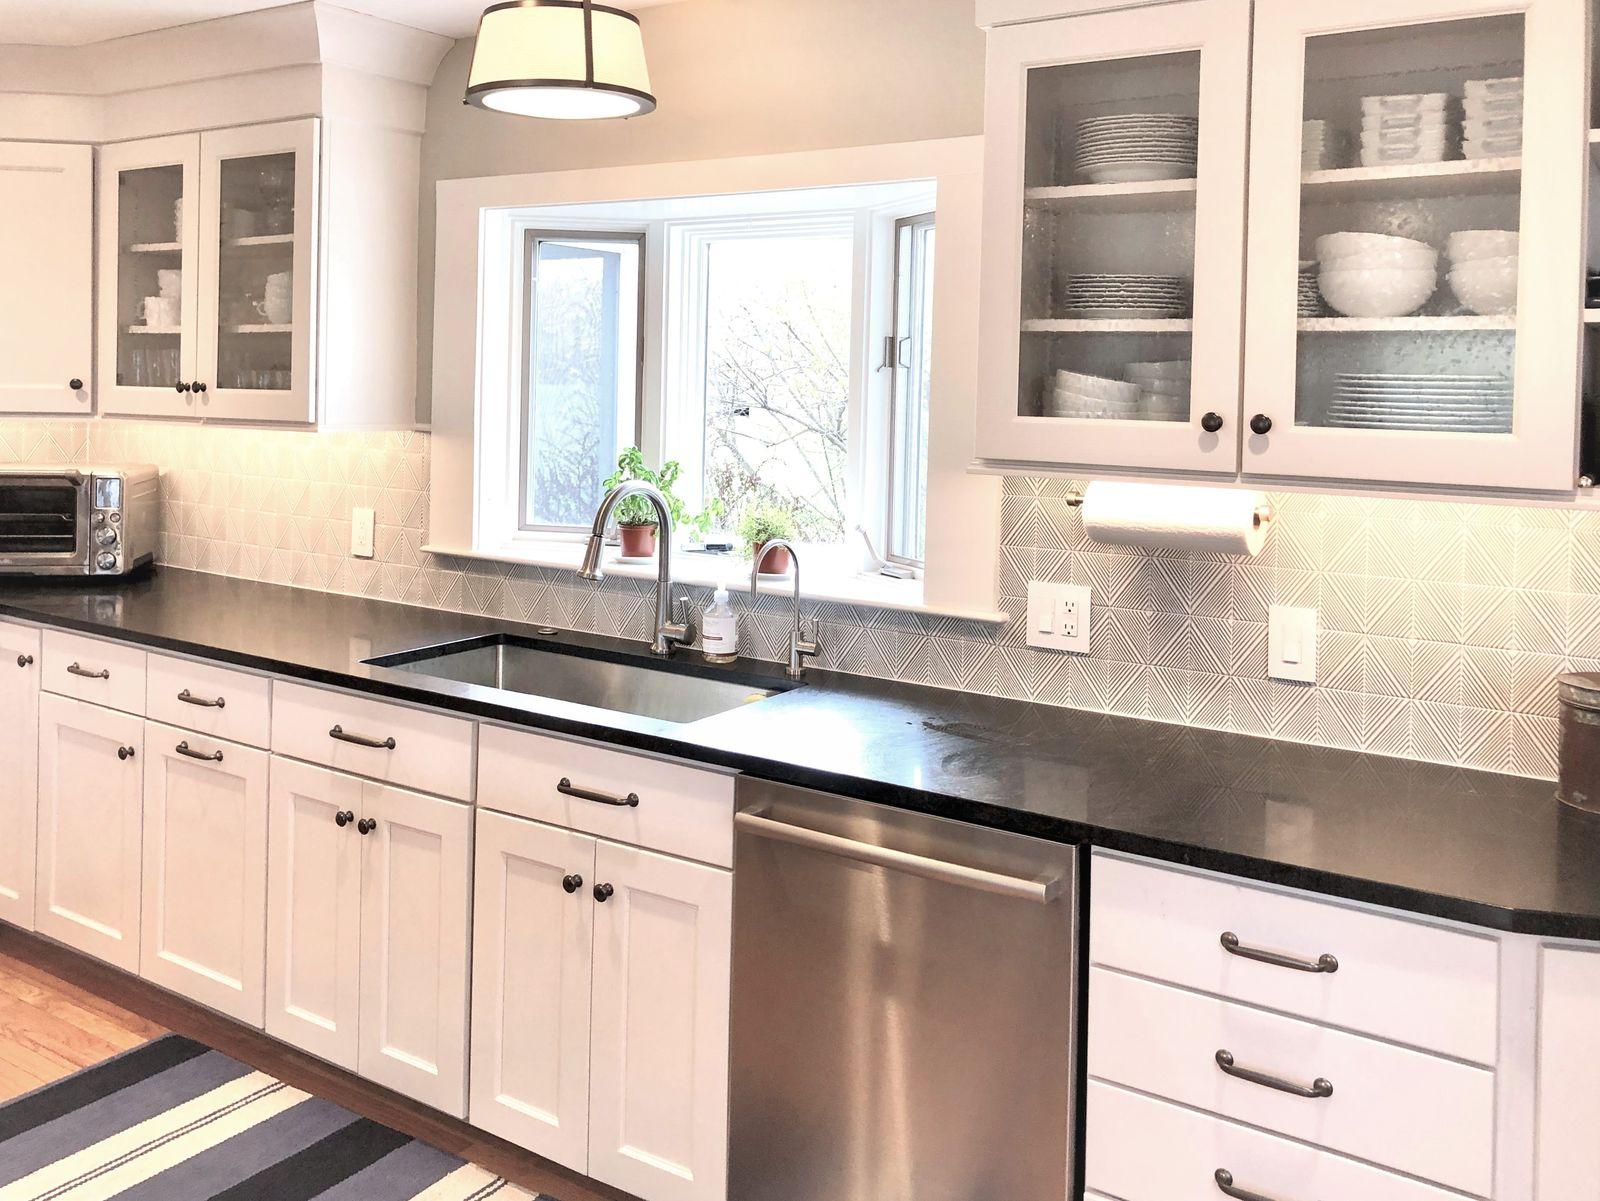 White and Black Kitchen Design by Lauren Milligan